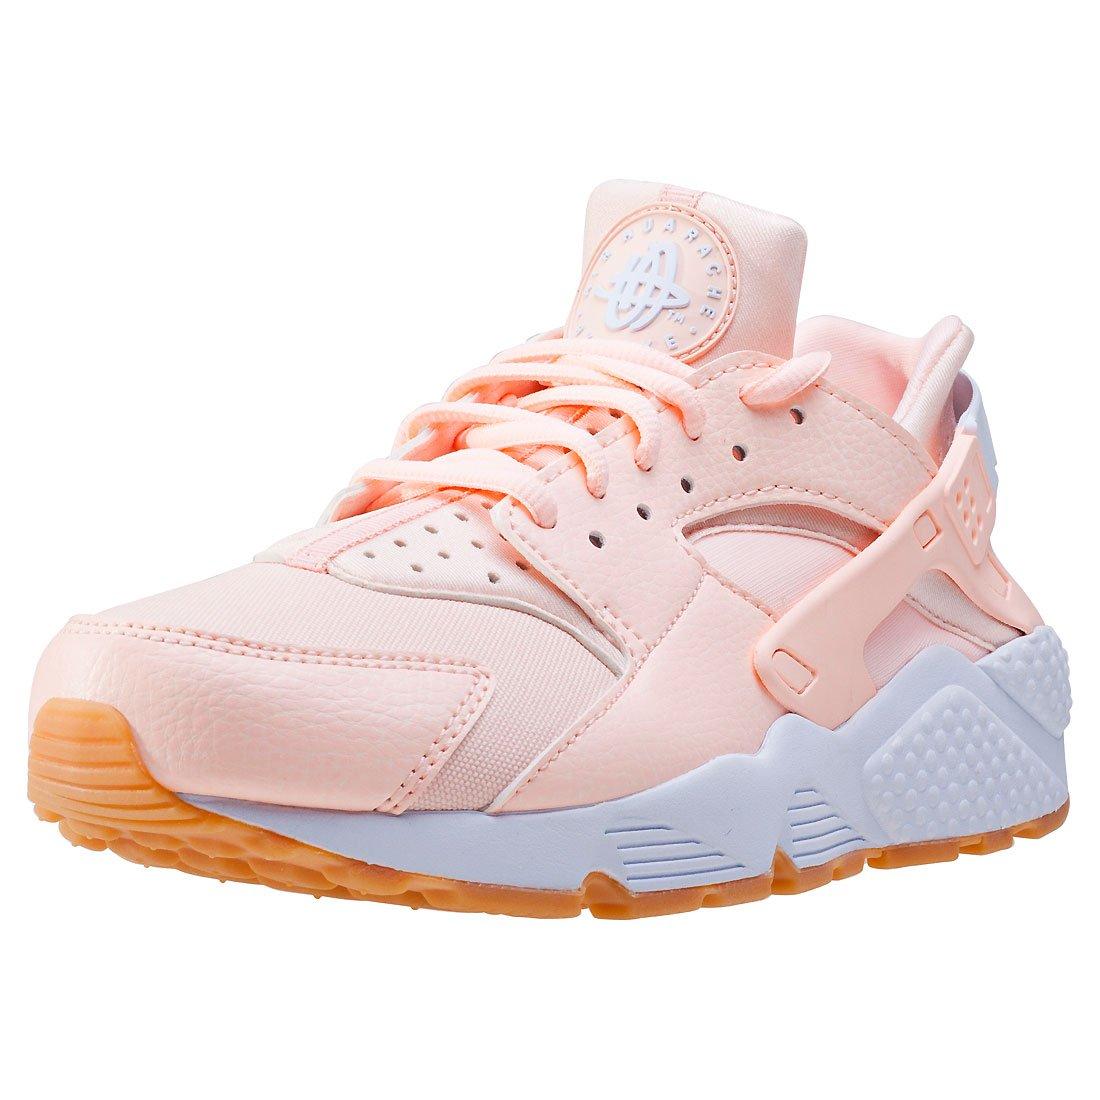 42368167e1de Nike Air Huarache Run Womens Trainers Blush Pink - 8.5 UK  Amazon.co.uk   Shoes   Bags